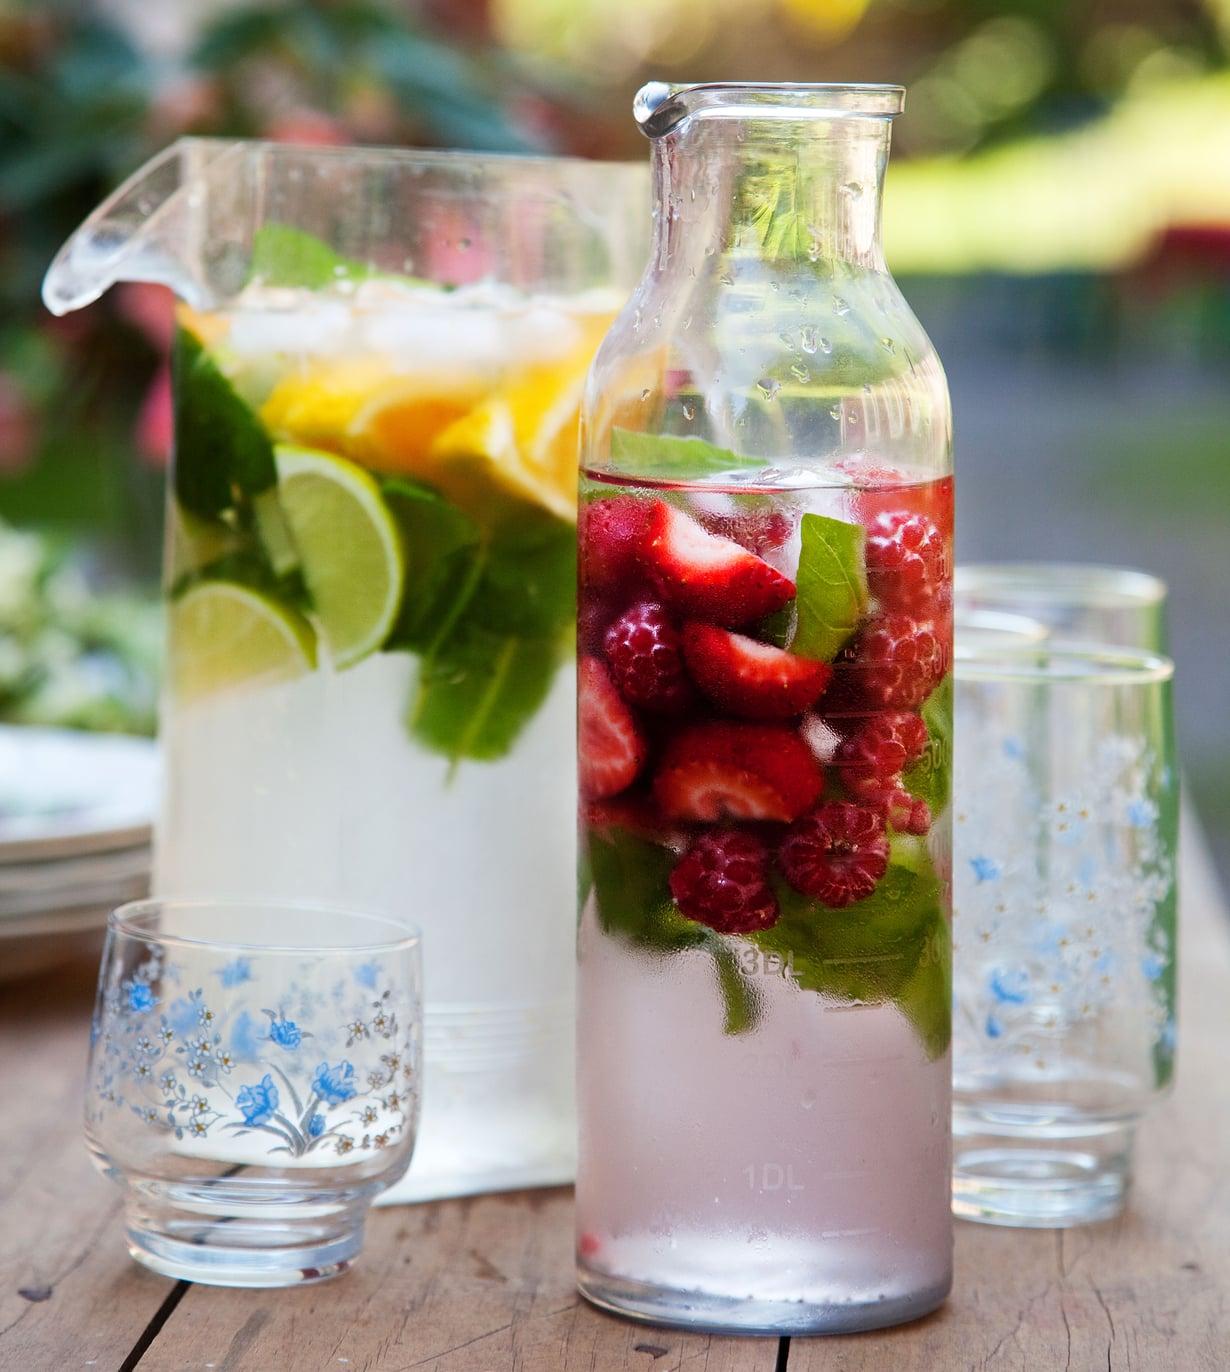 Korista kannullinen vettä juhlakuntoon parilla mansikalla, appelsiinin- tai kurkunsiivulla.